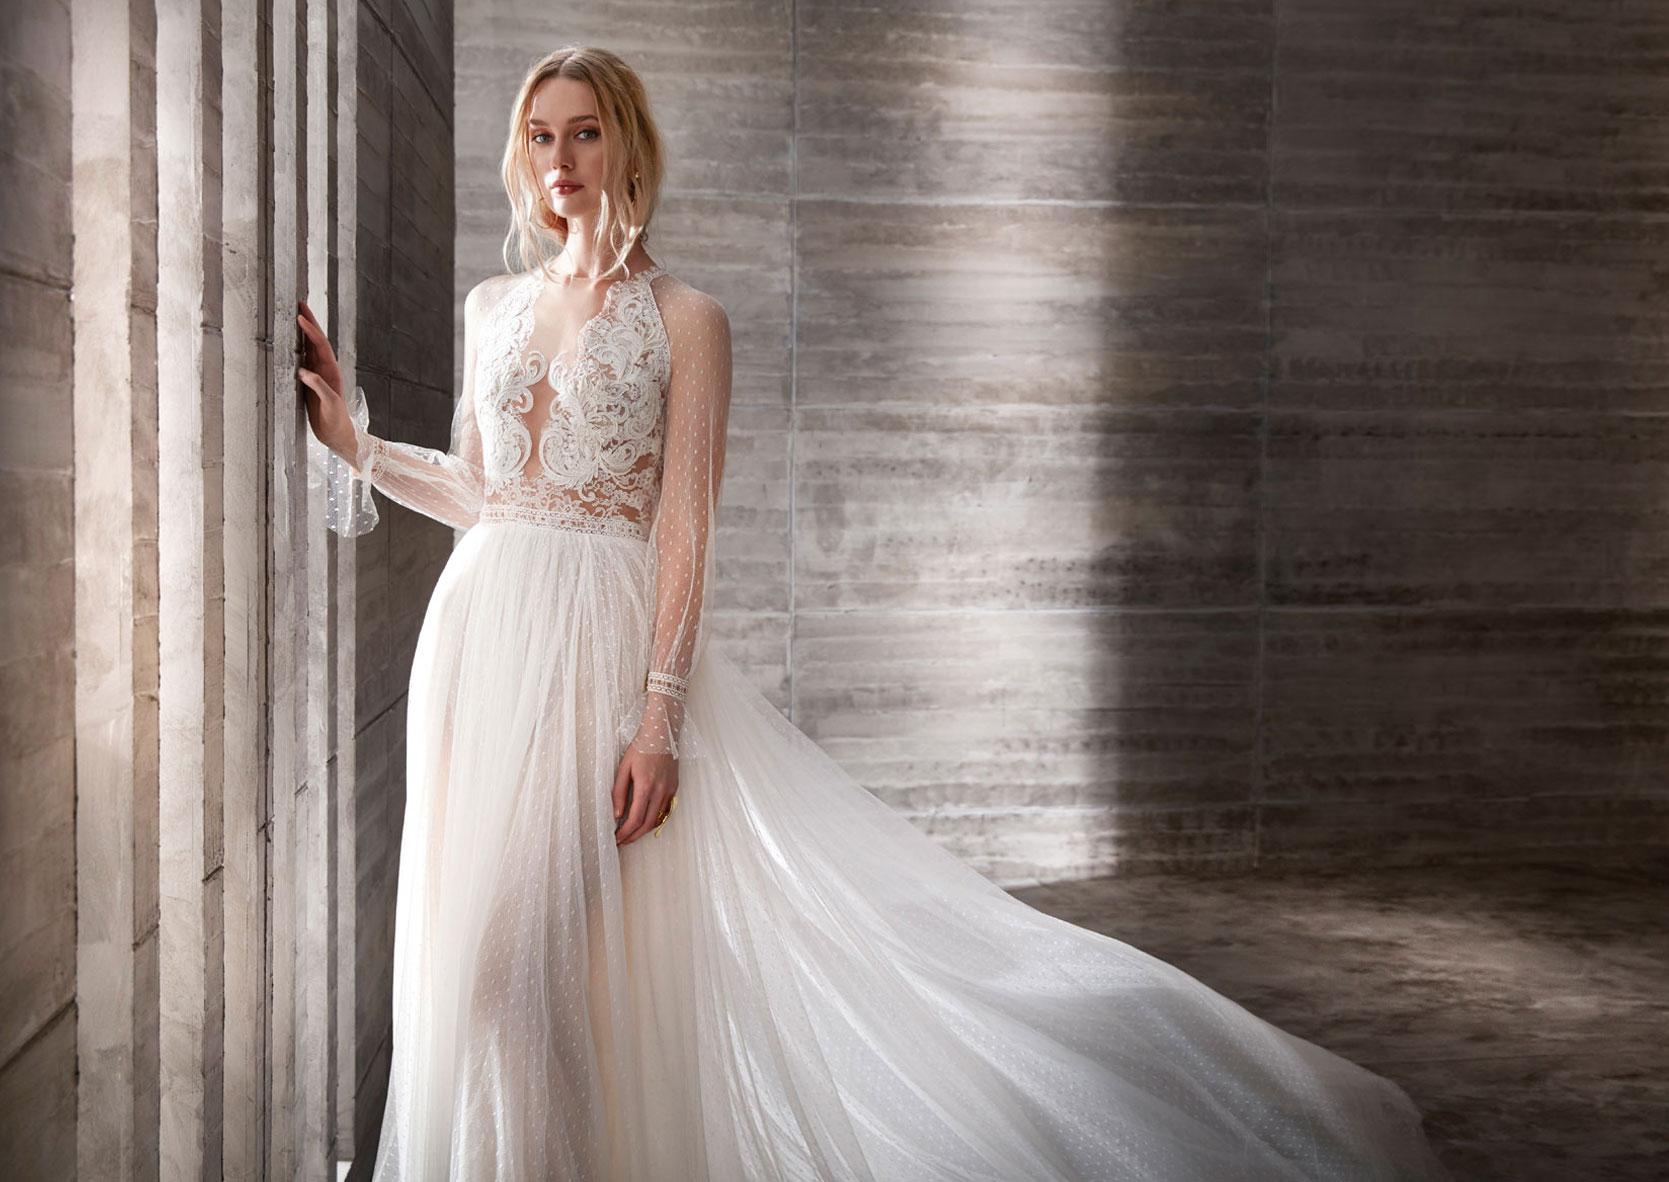 Brautkleid_Spitze-Hochzeitskleid_Spitze